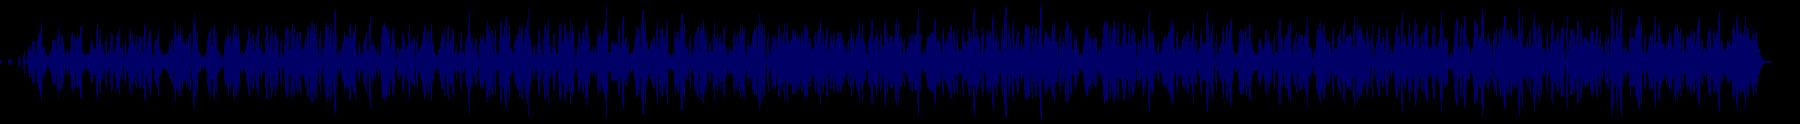 waveform of track #68371